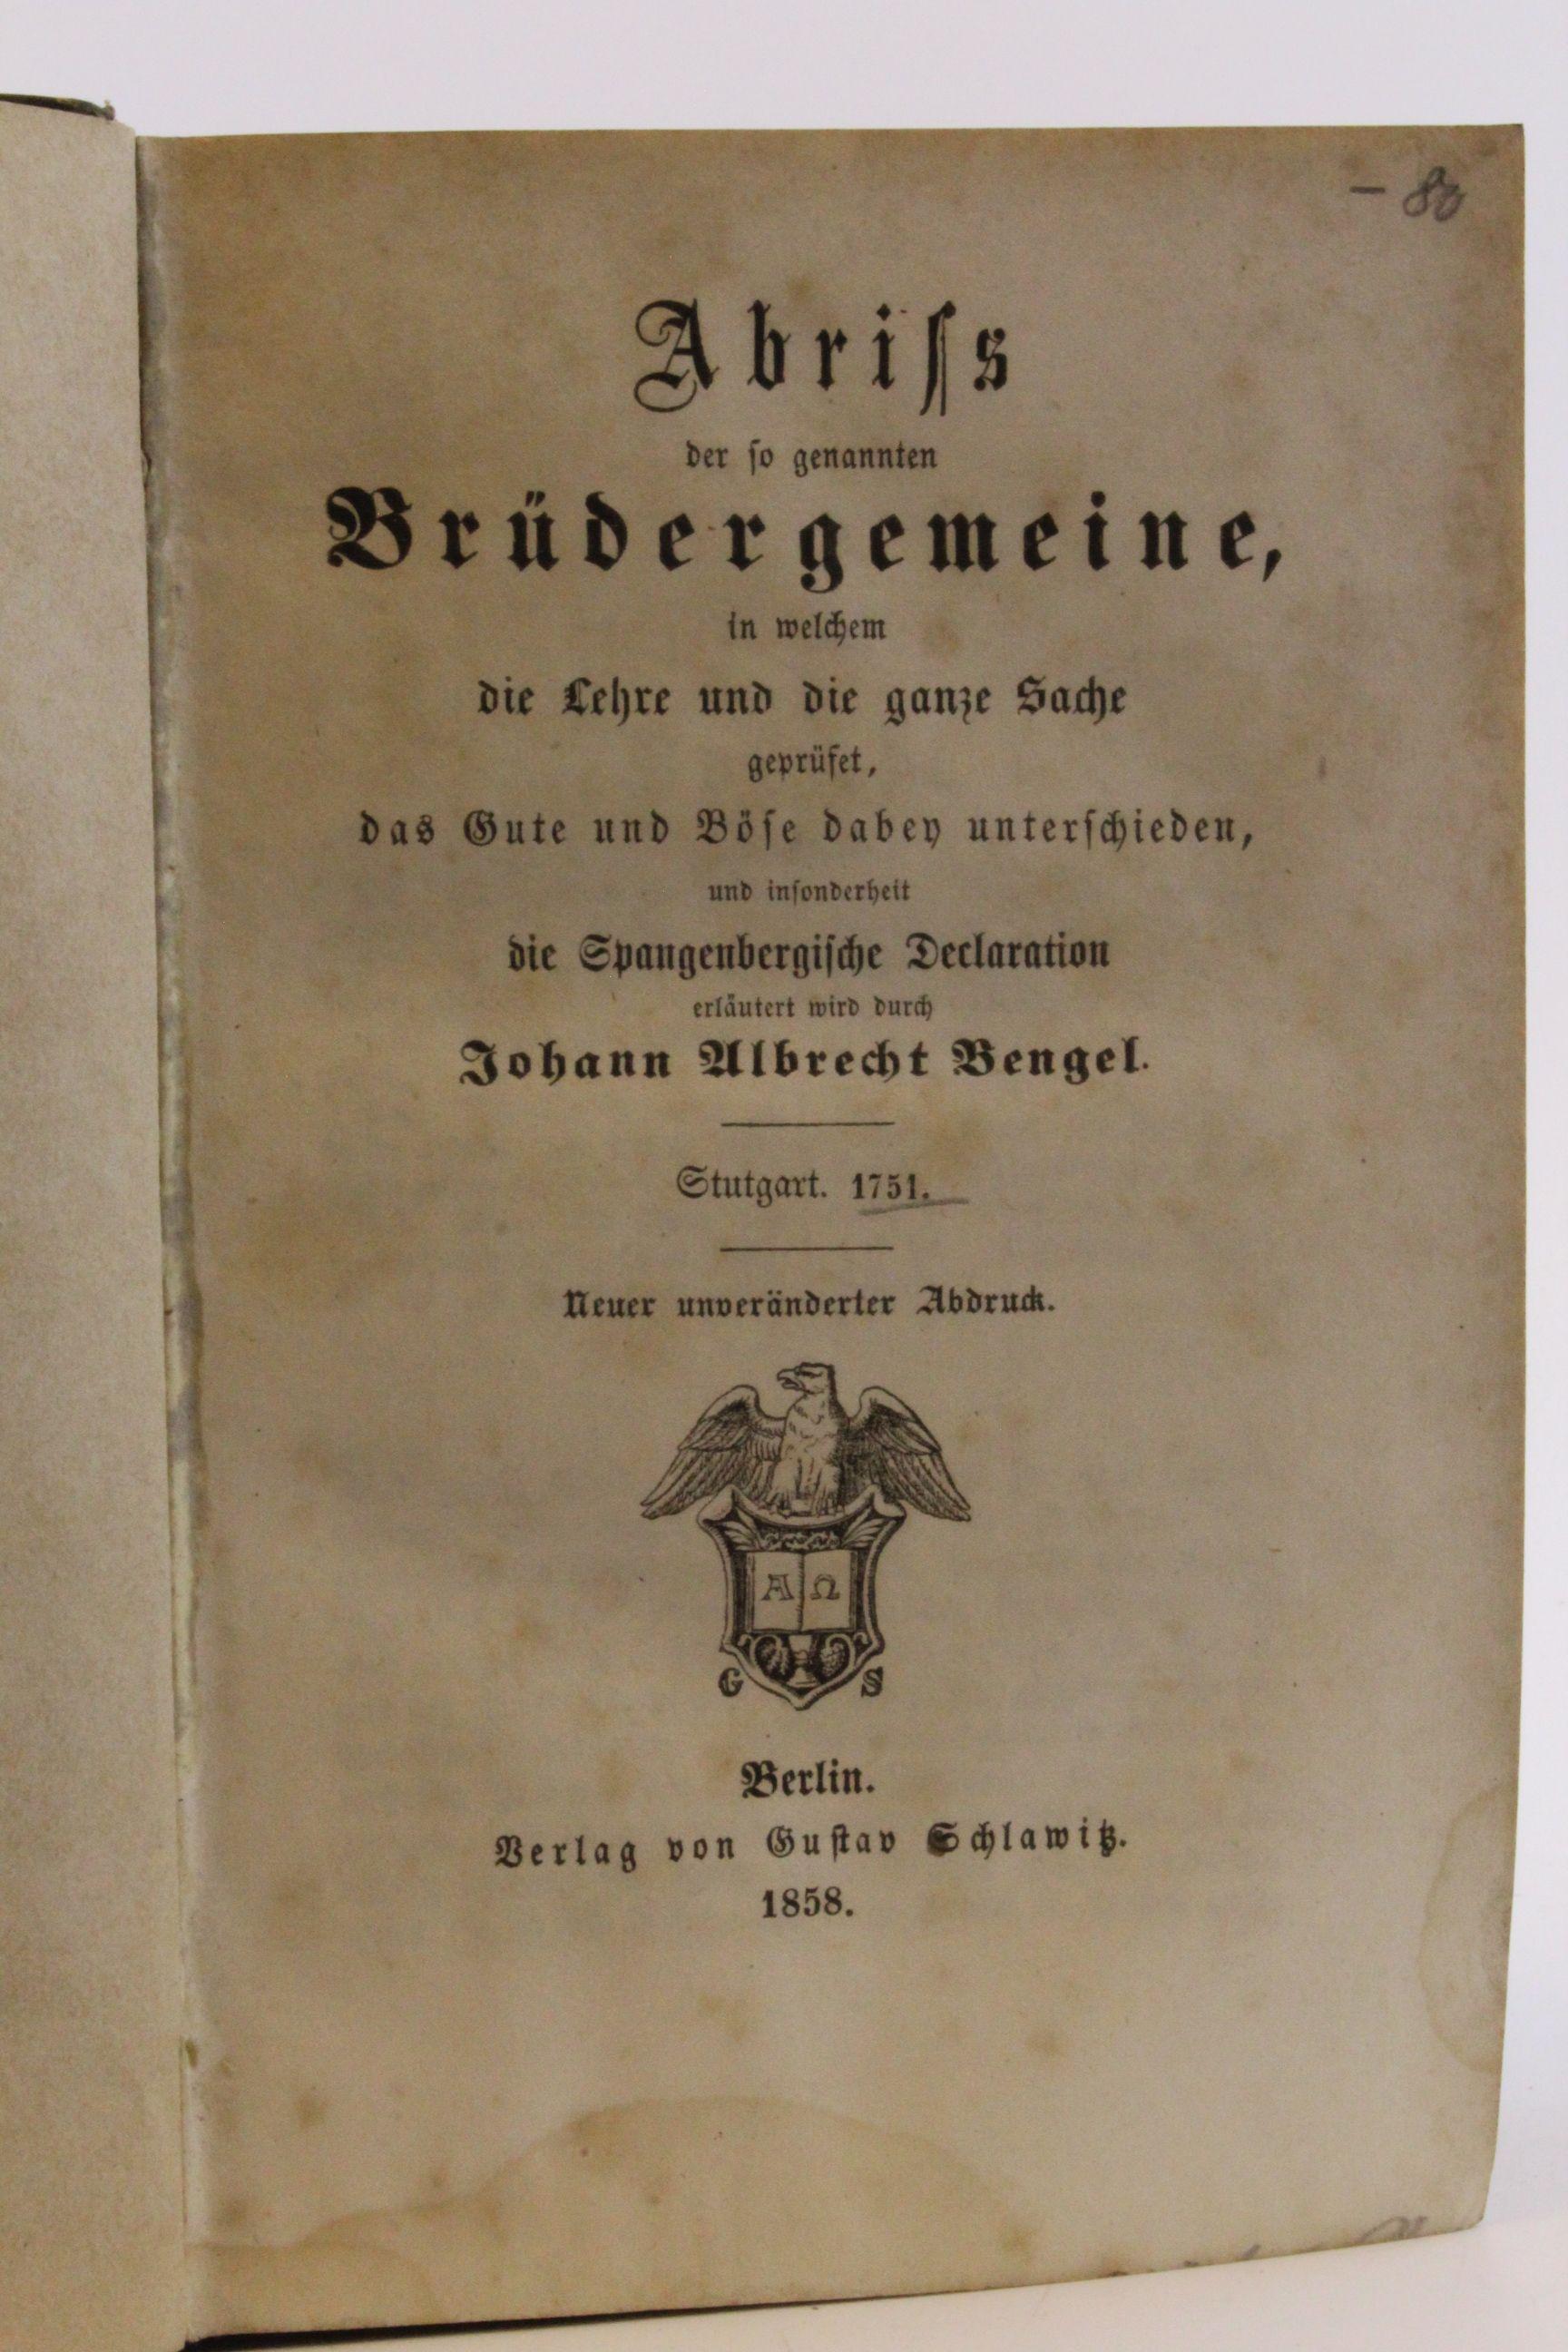 Abriss der so genannten Brüdergemeine, in welchem: J. A. Bengel